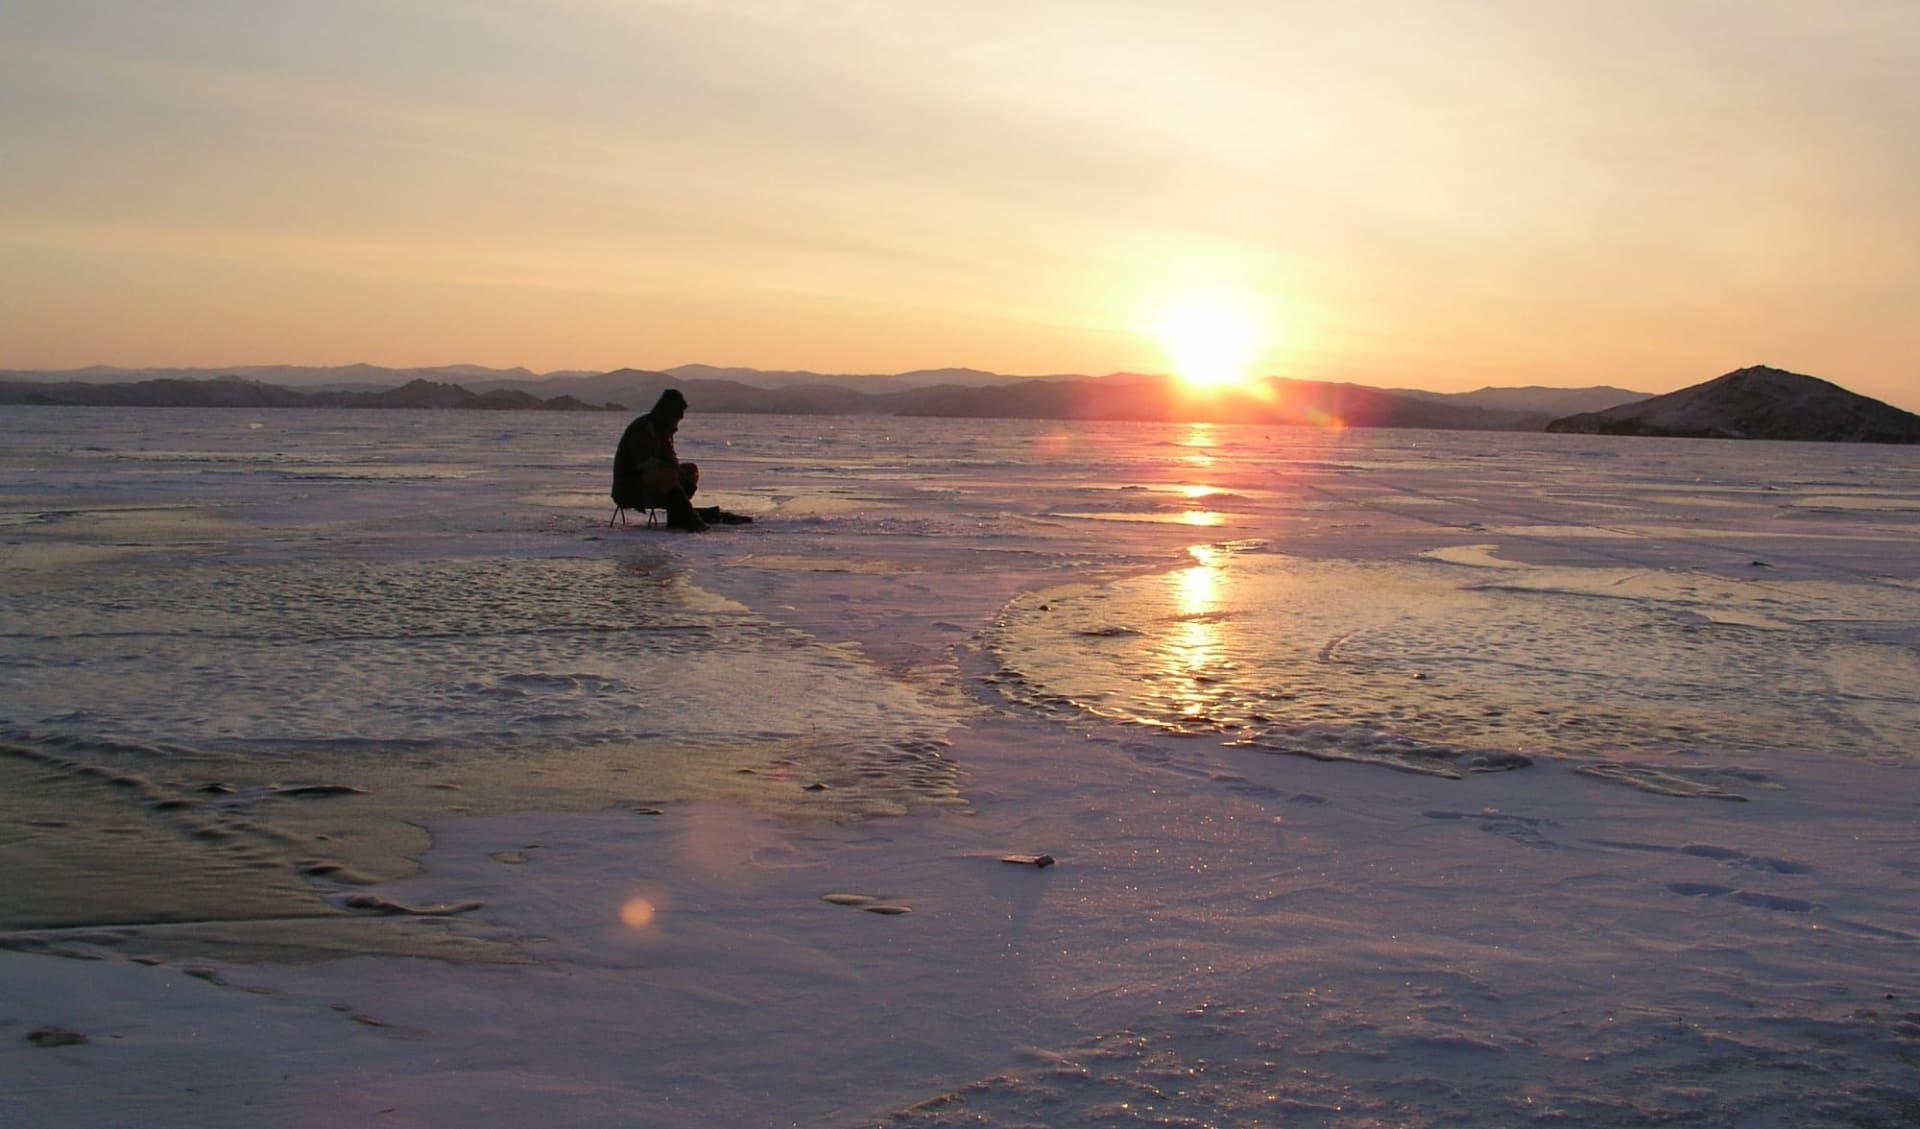 Sonderzug Zarengold Wintermärchen von Moskau nach Ulan Bator: Russland - Baikalsee - Eisfischen